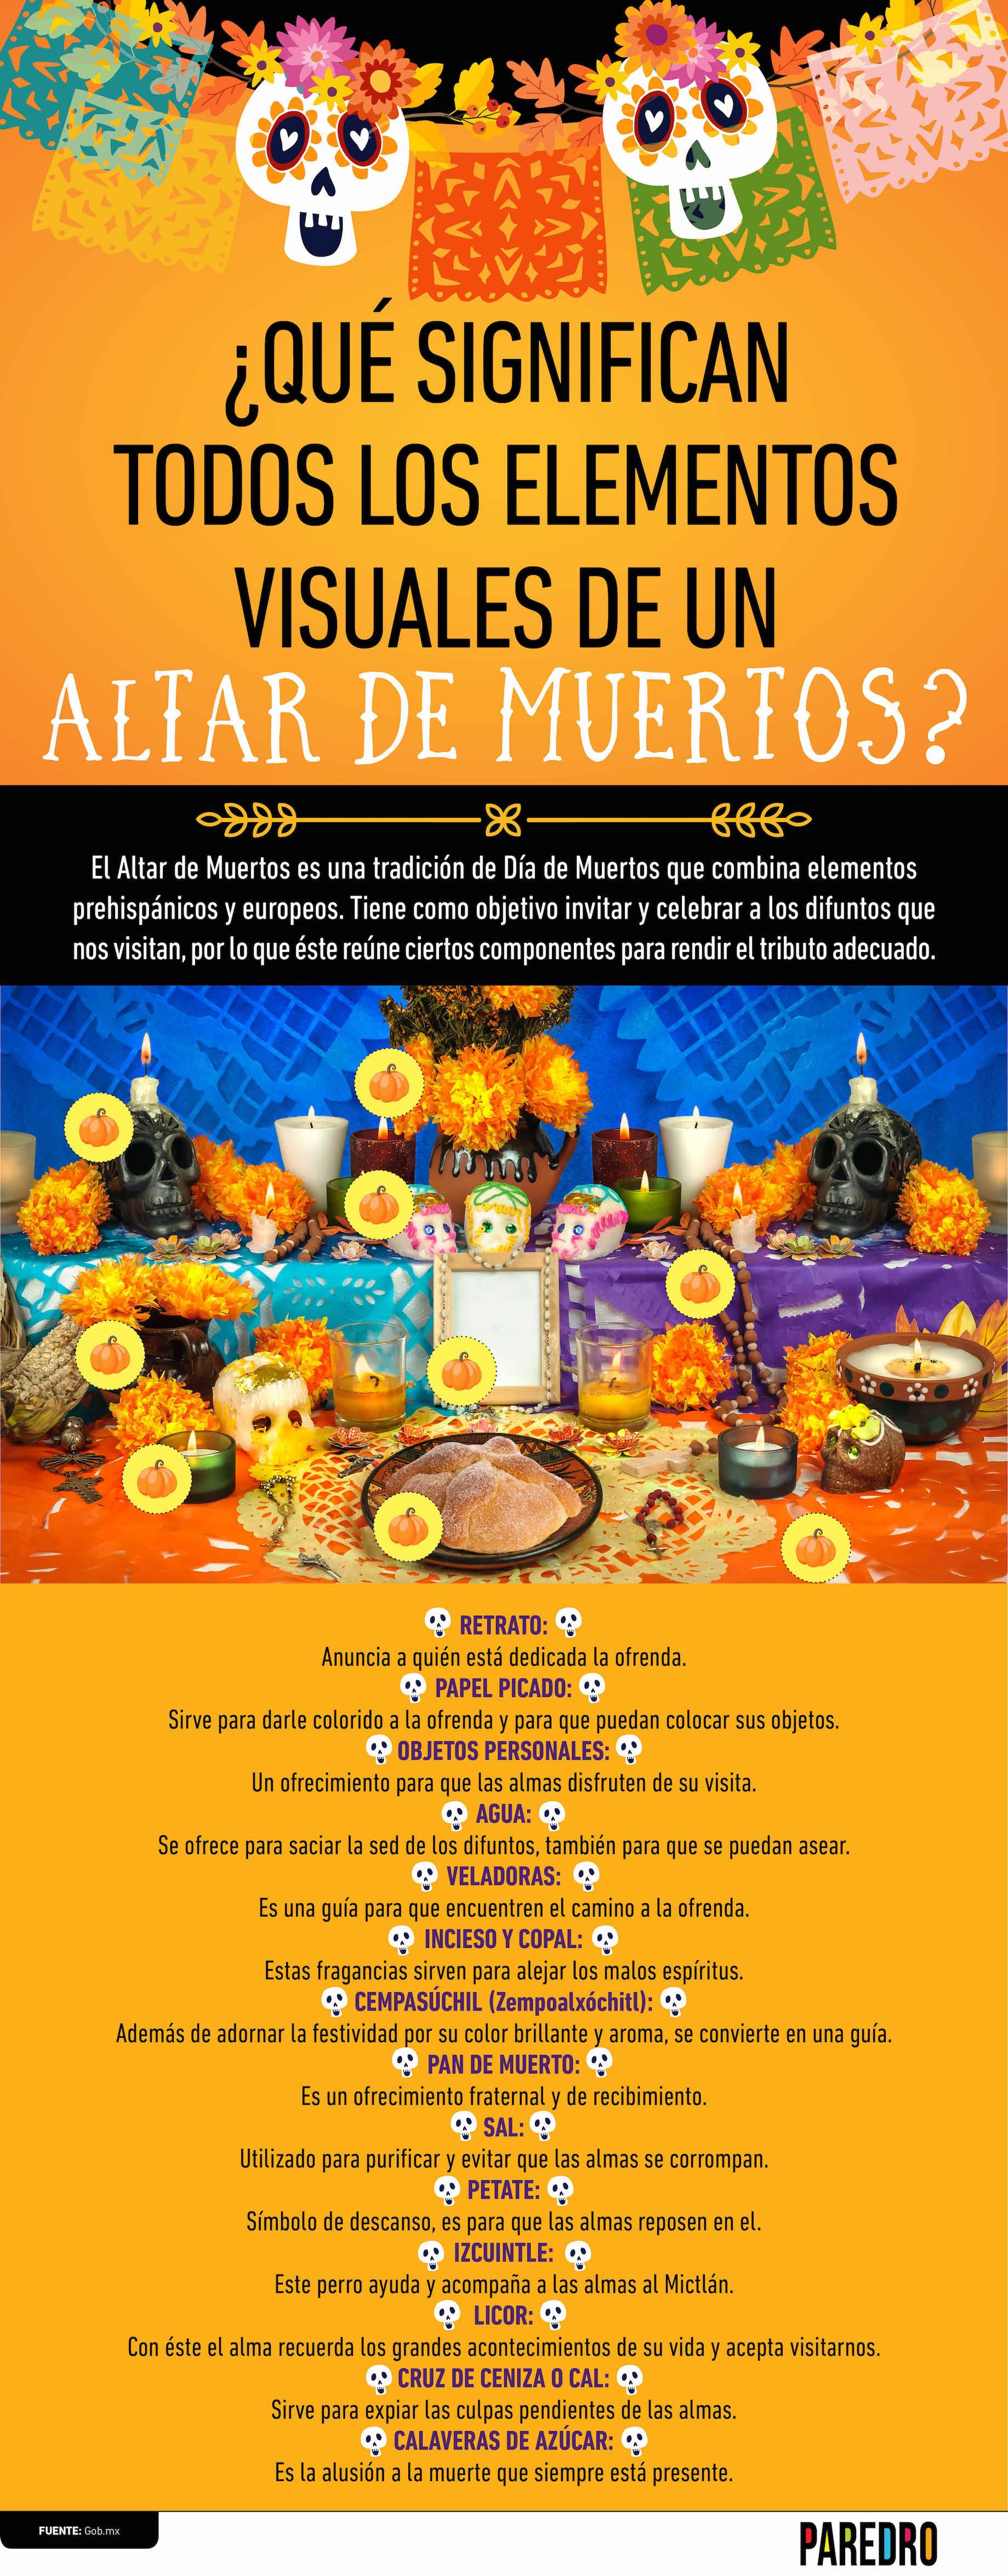 La ofrenda de Día de Muertos tiene distintos componentes, cada uno con un significado específico para rendir homenaje a los difuntos.